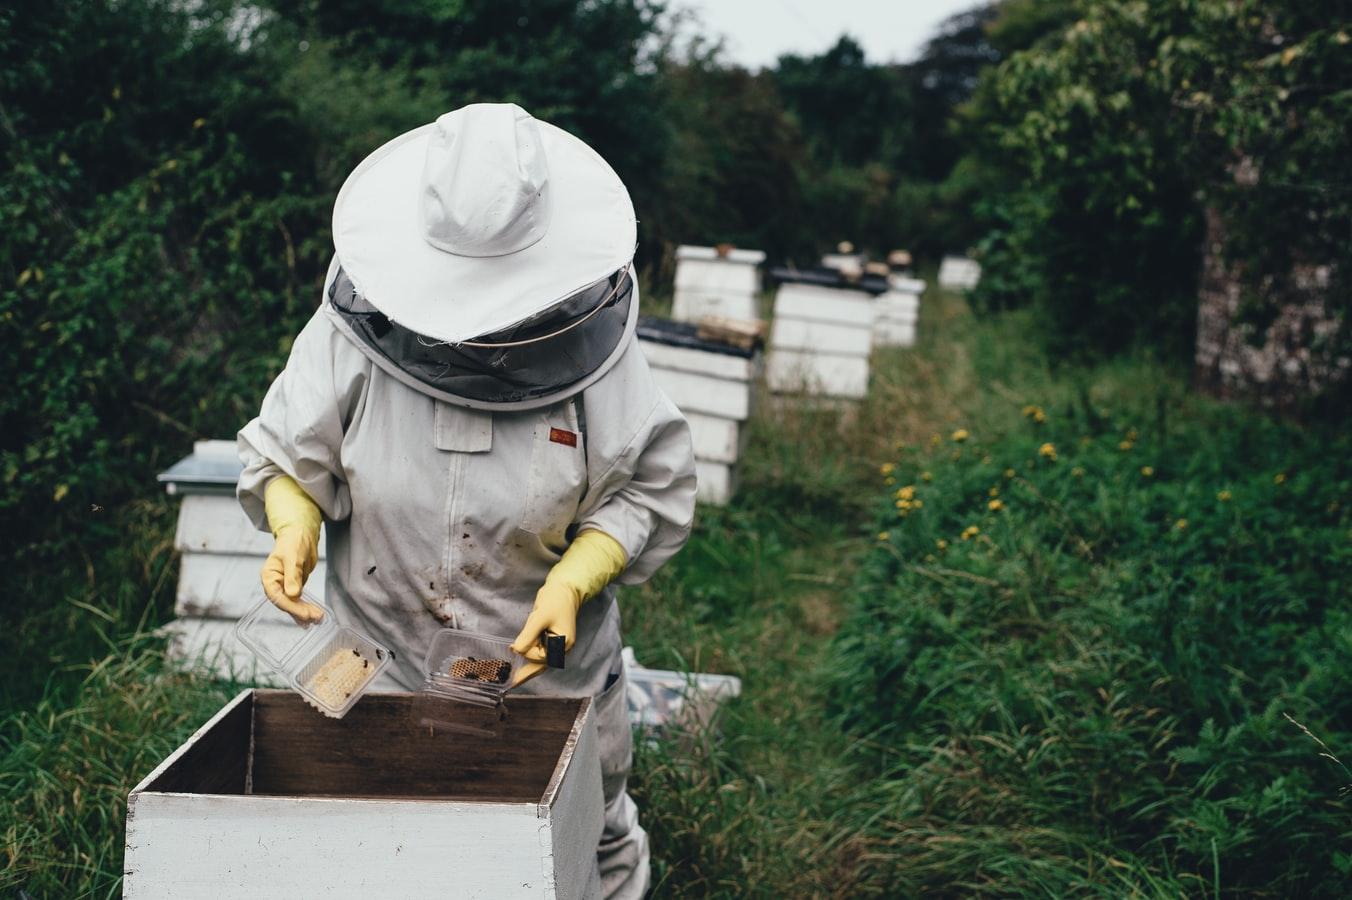 Bees, tech startup, agtech